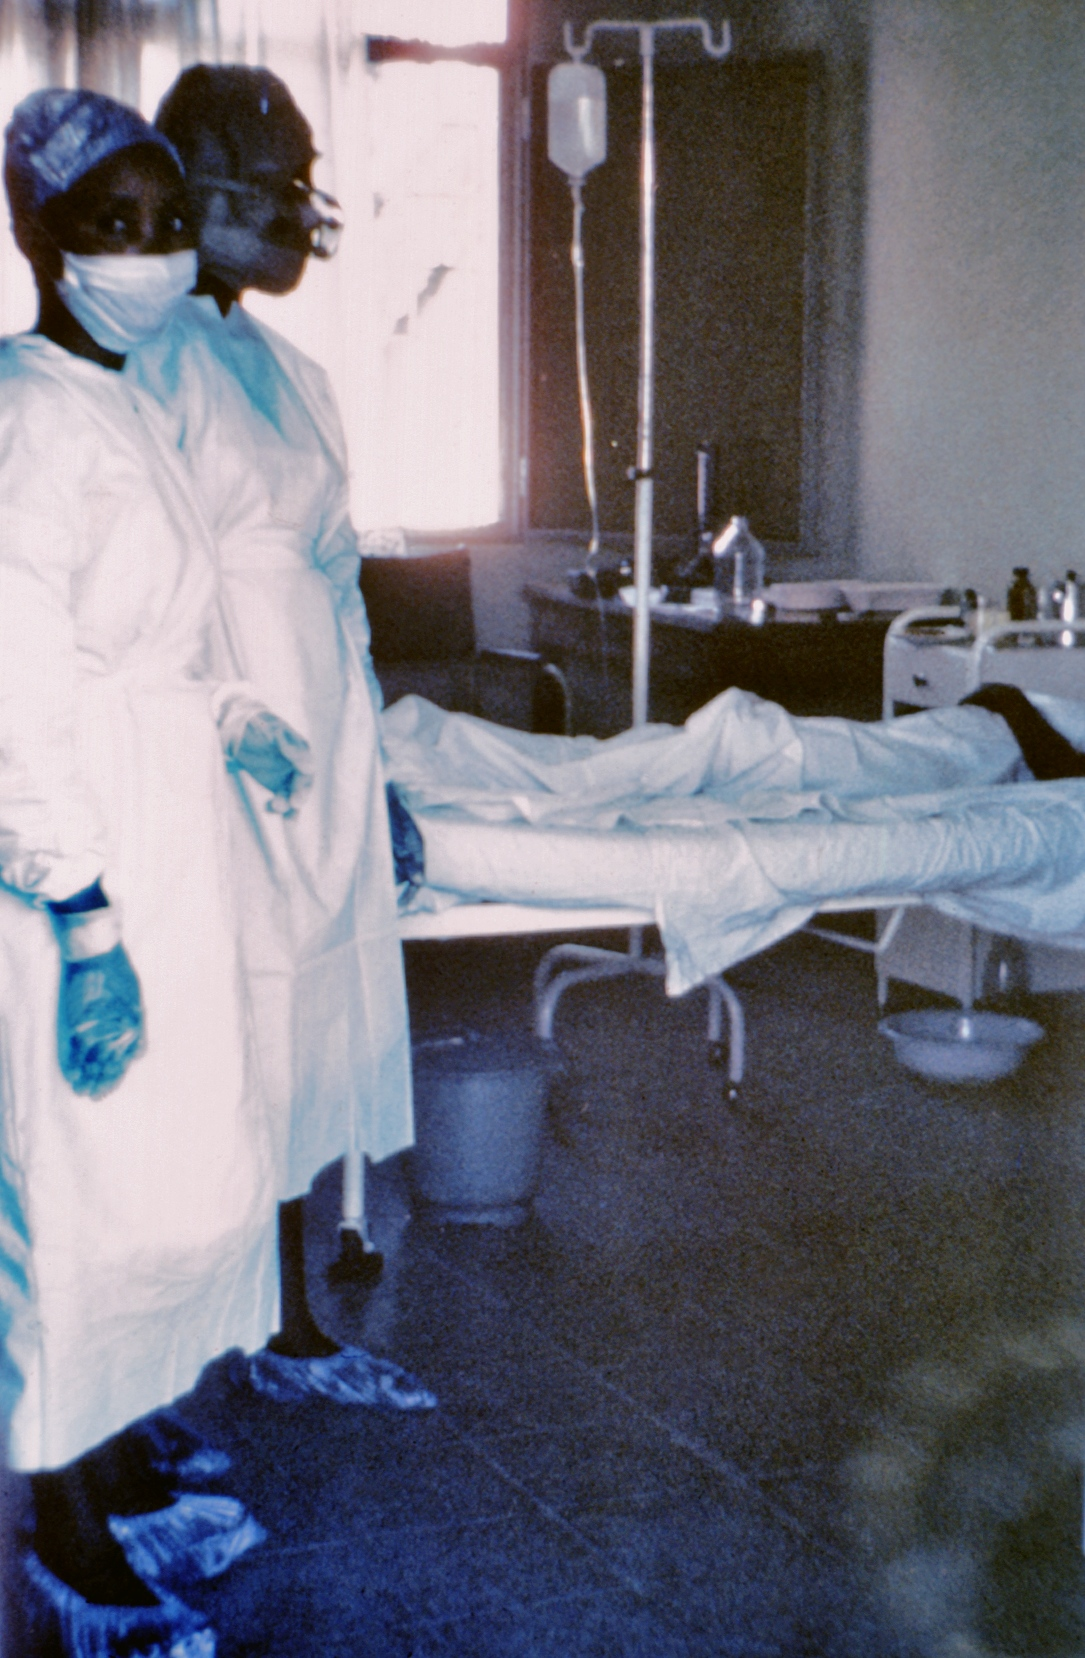 Artritele virale - ce sunt si cine ar putea fi afectat?